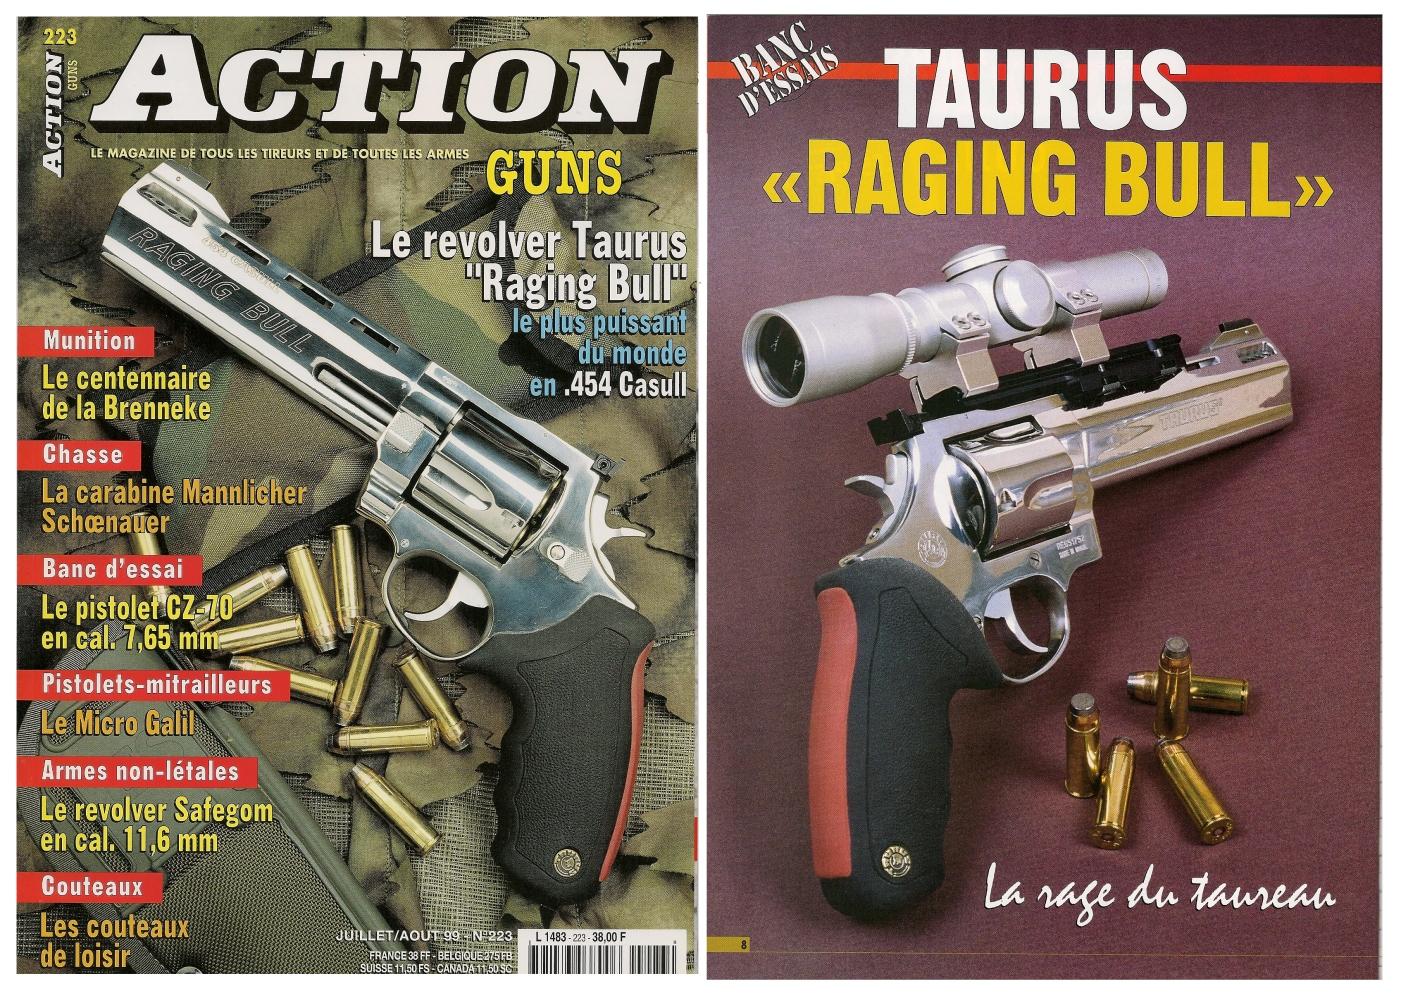 Le banc d'essai du revolver Taurus Raging Bull a été publié sur 7 pages dans le n°223 (juillet/août 1999) du magazine Action Guns.